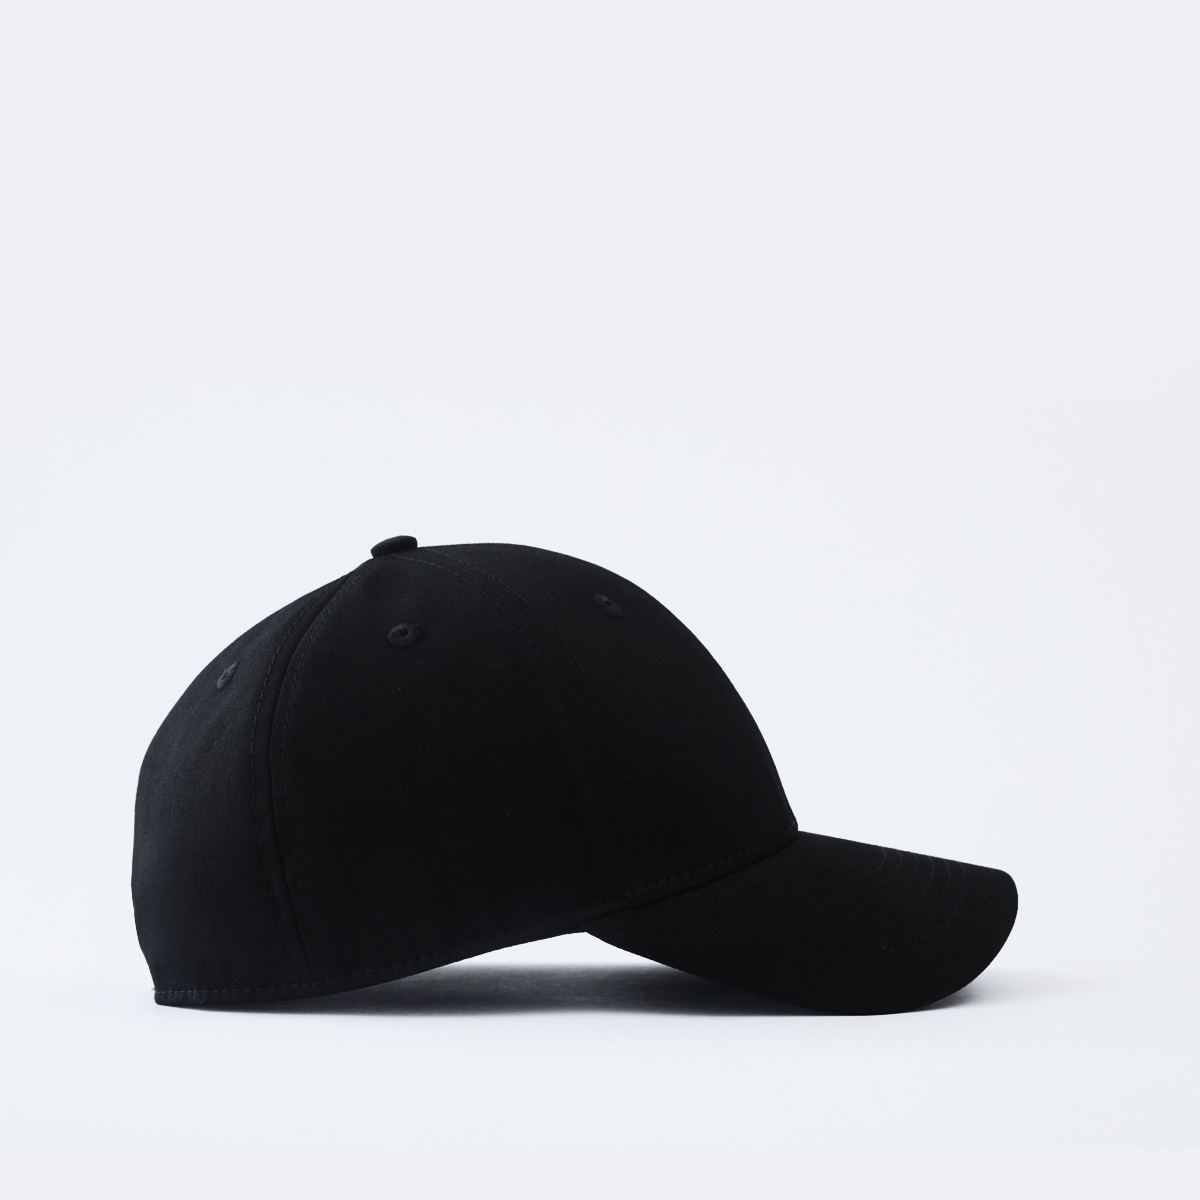 mũ lưỡi trai đen bít đuôi anchor anh helm mặt phải